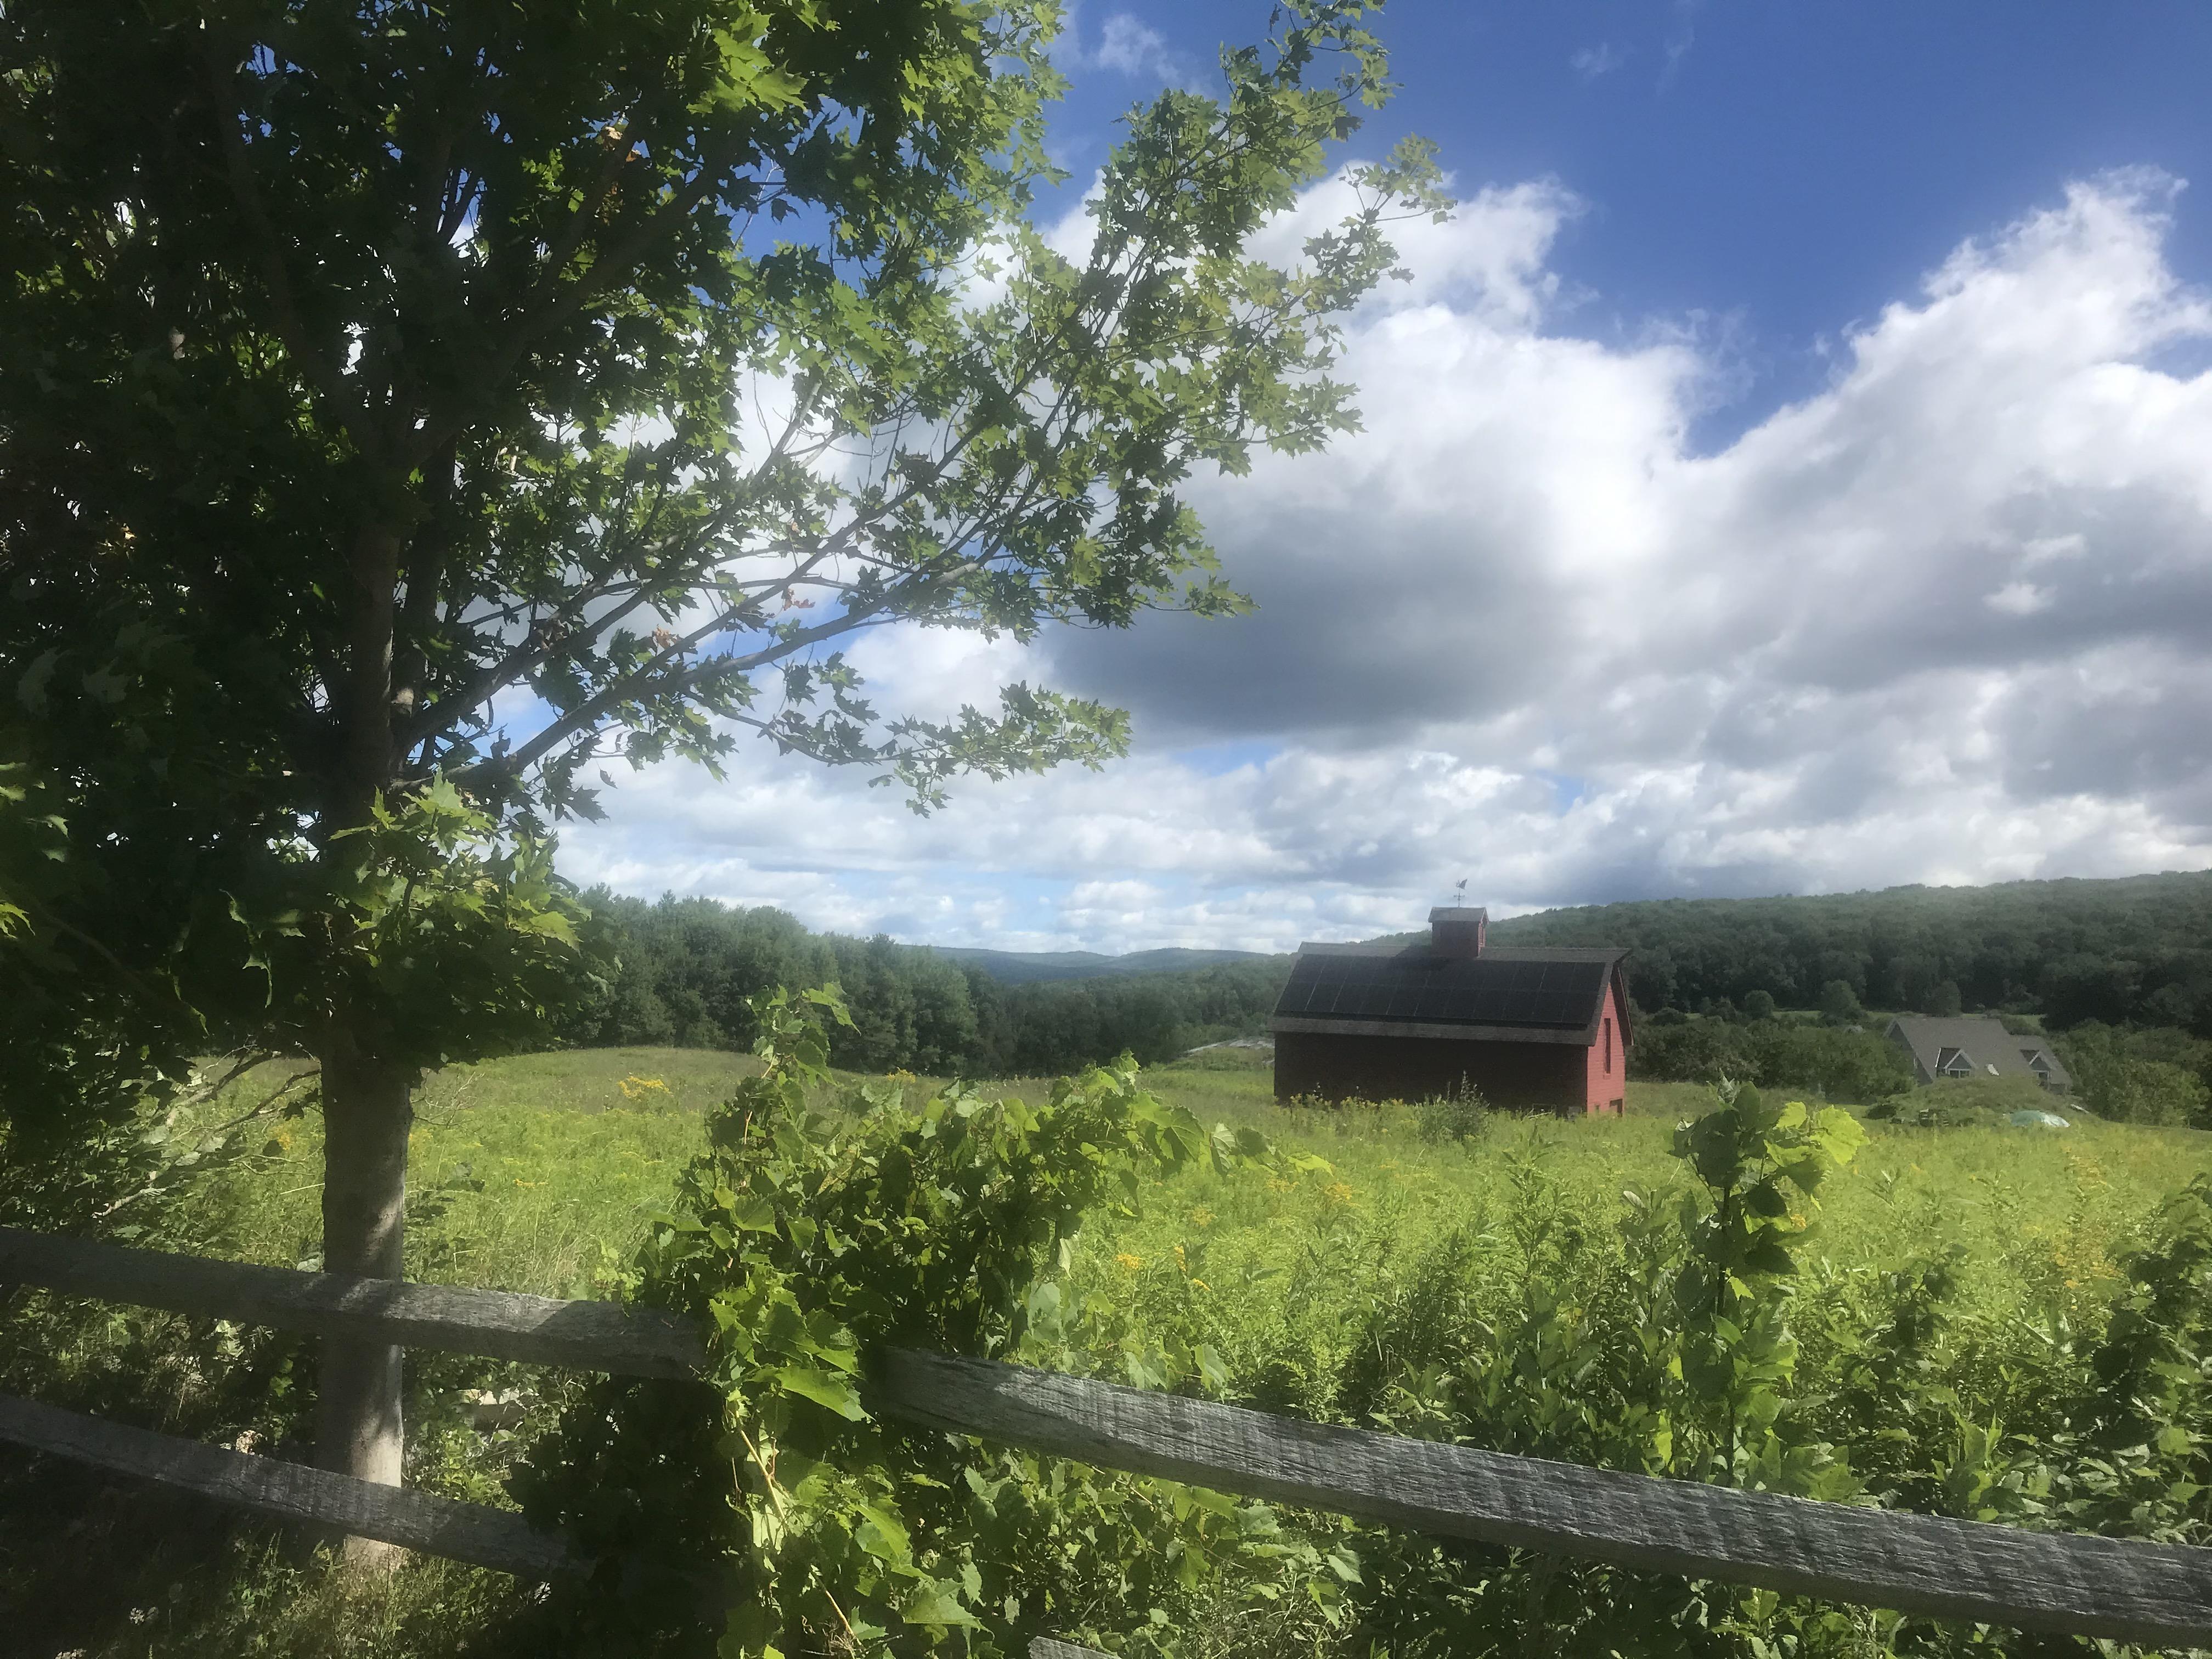 Berkshires scene